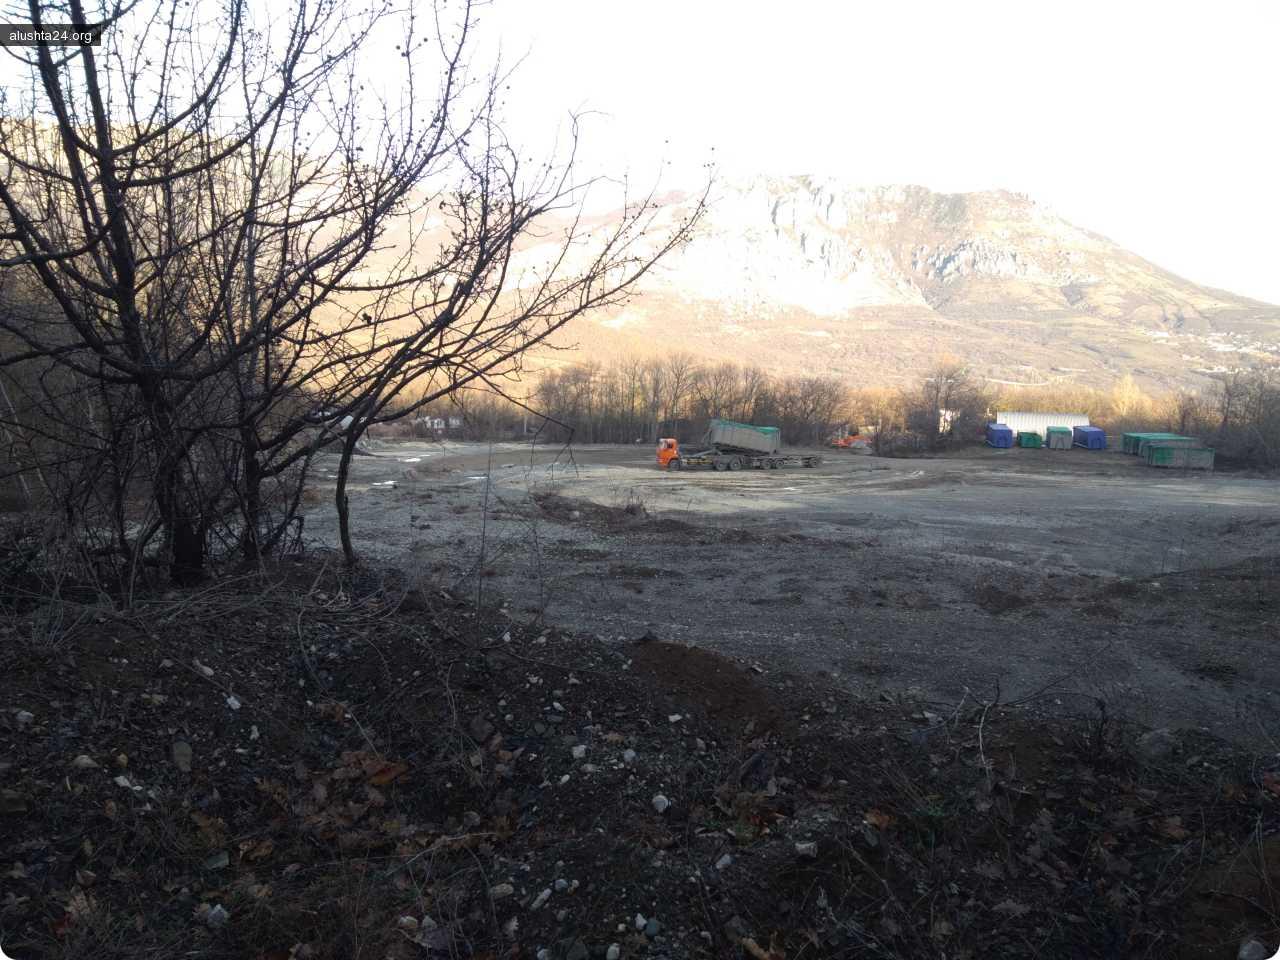 Обсуждения: Блог им. сало: Мусорный канцерогенный портал Верхней Кутузовки заменит золотые врата Южного Берега Крыма